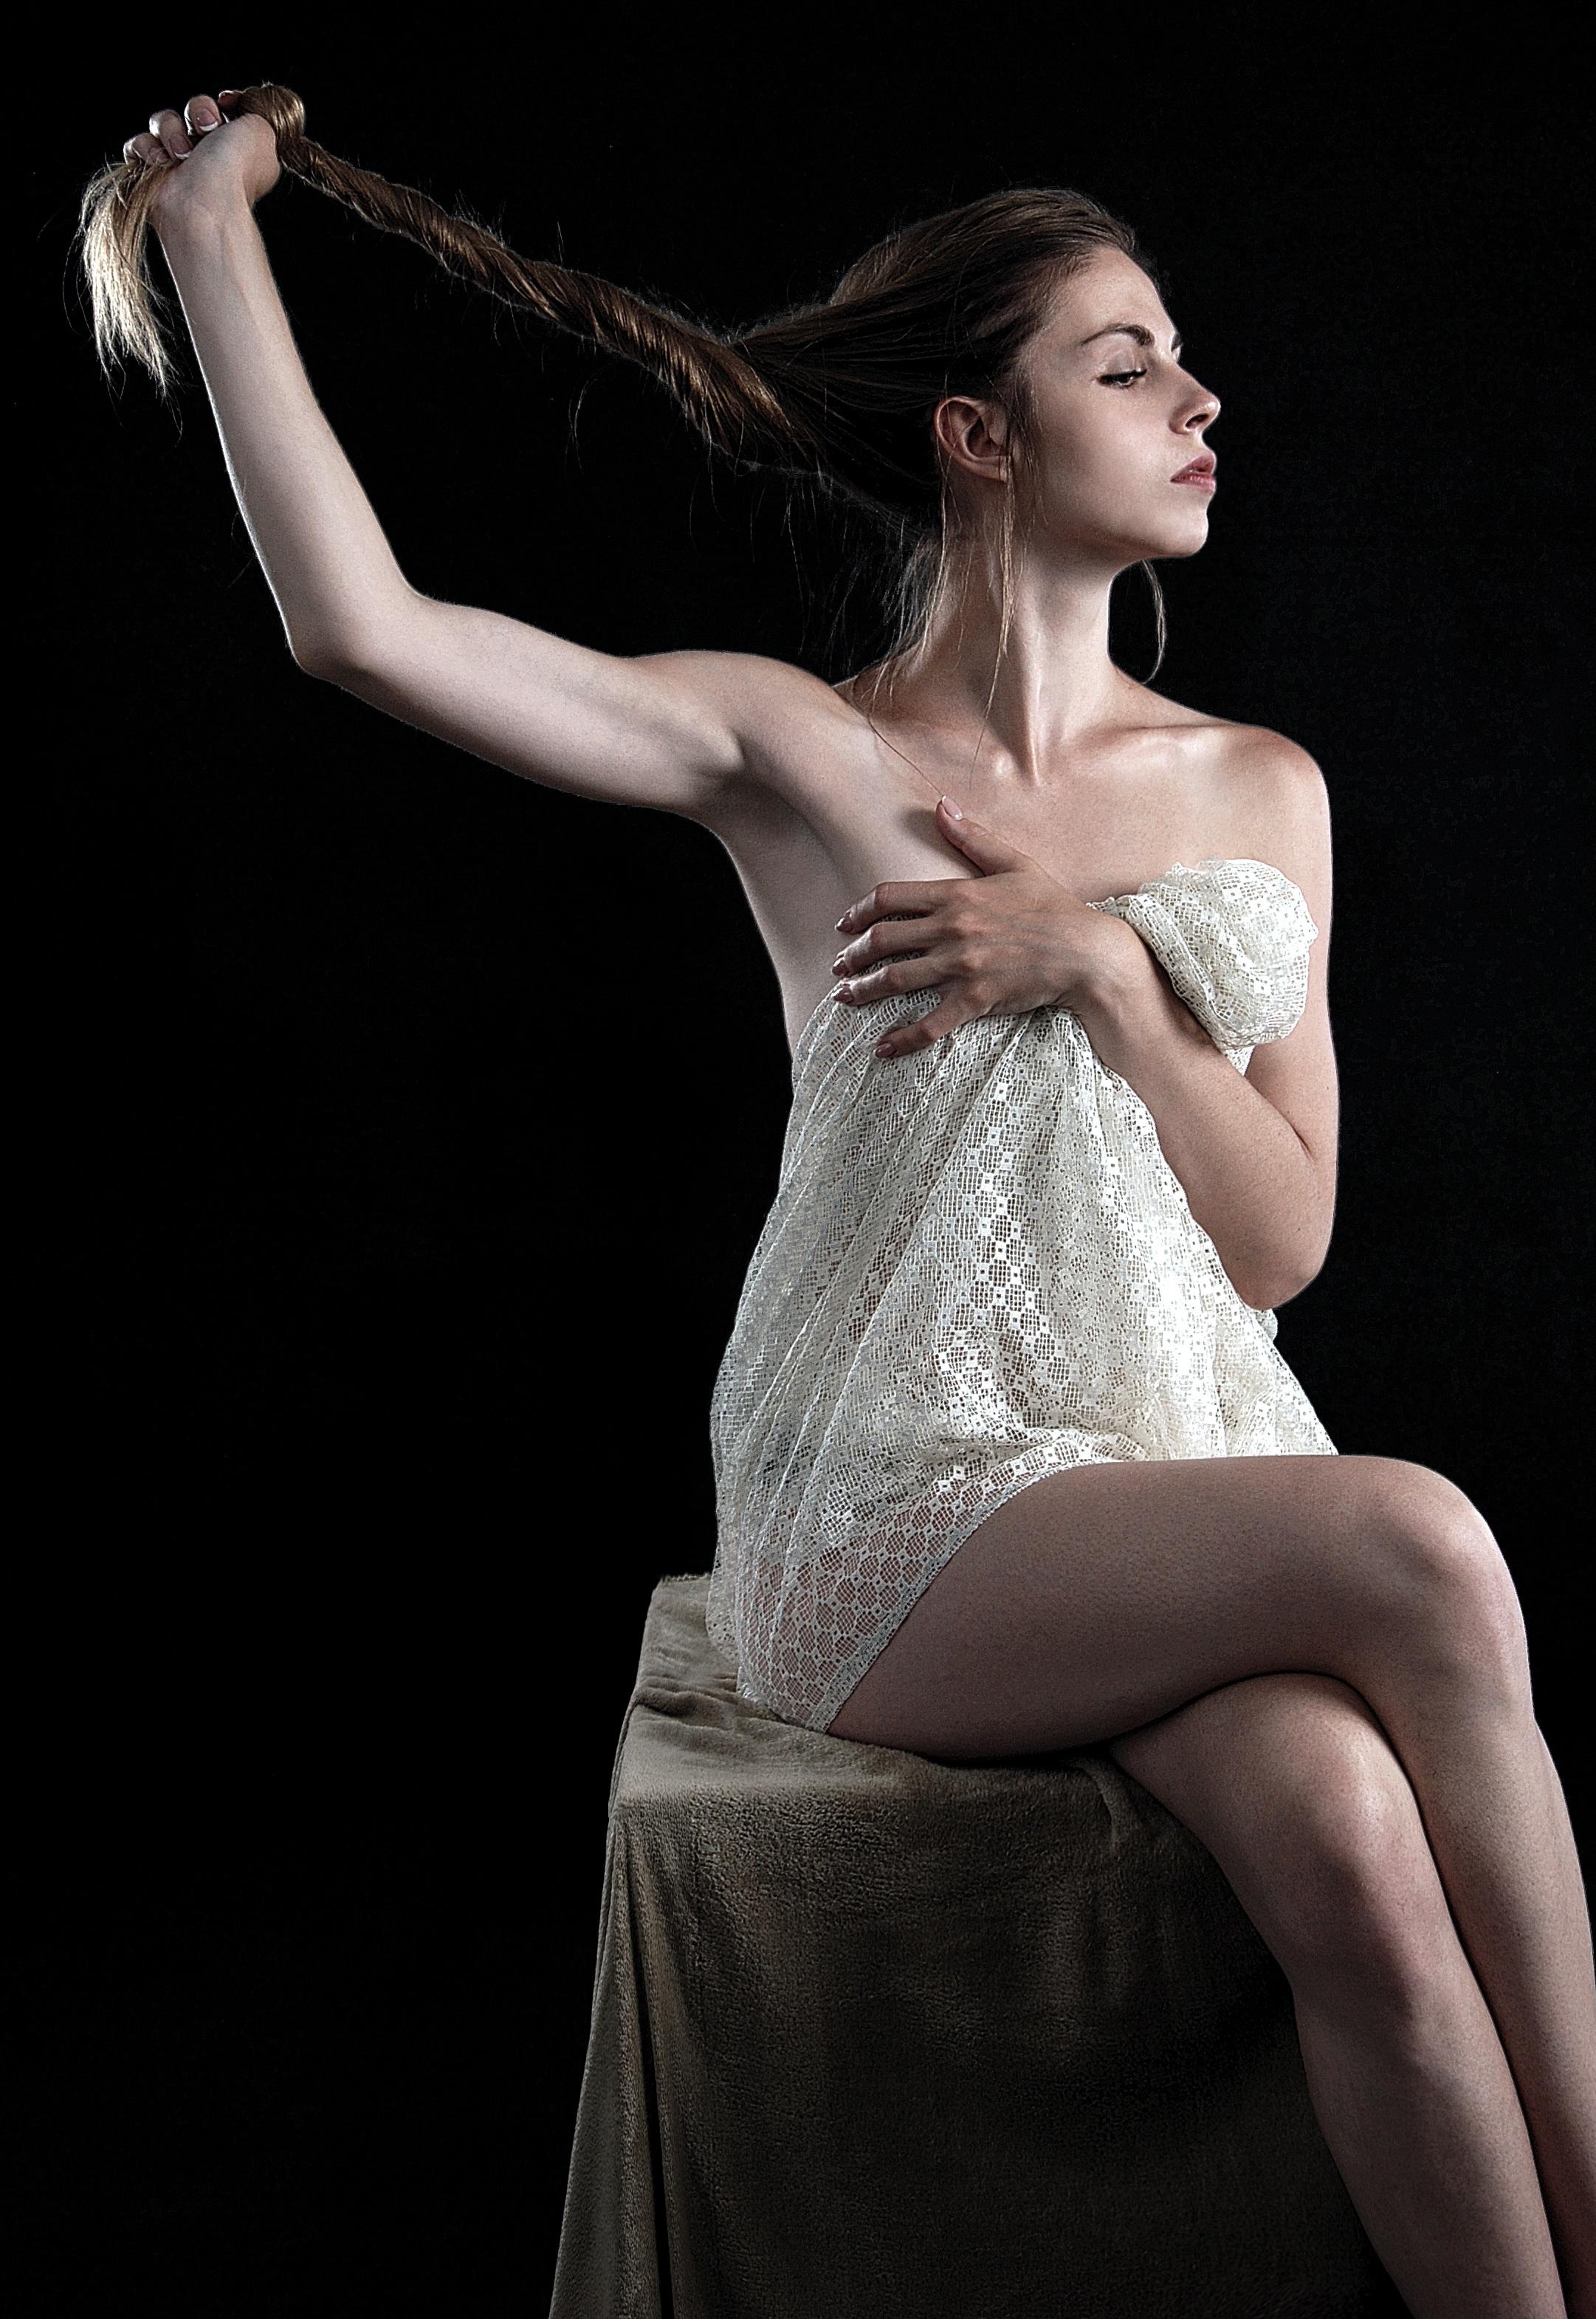 naken modell positurer